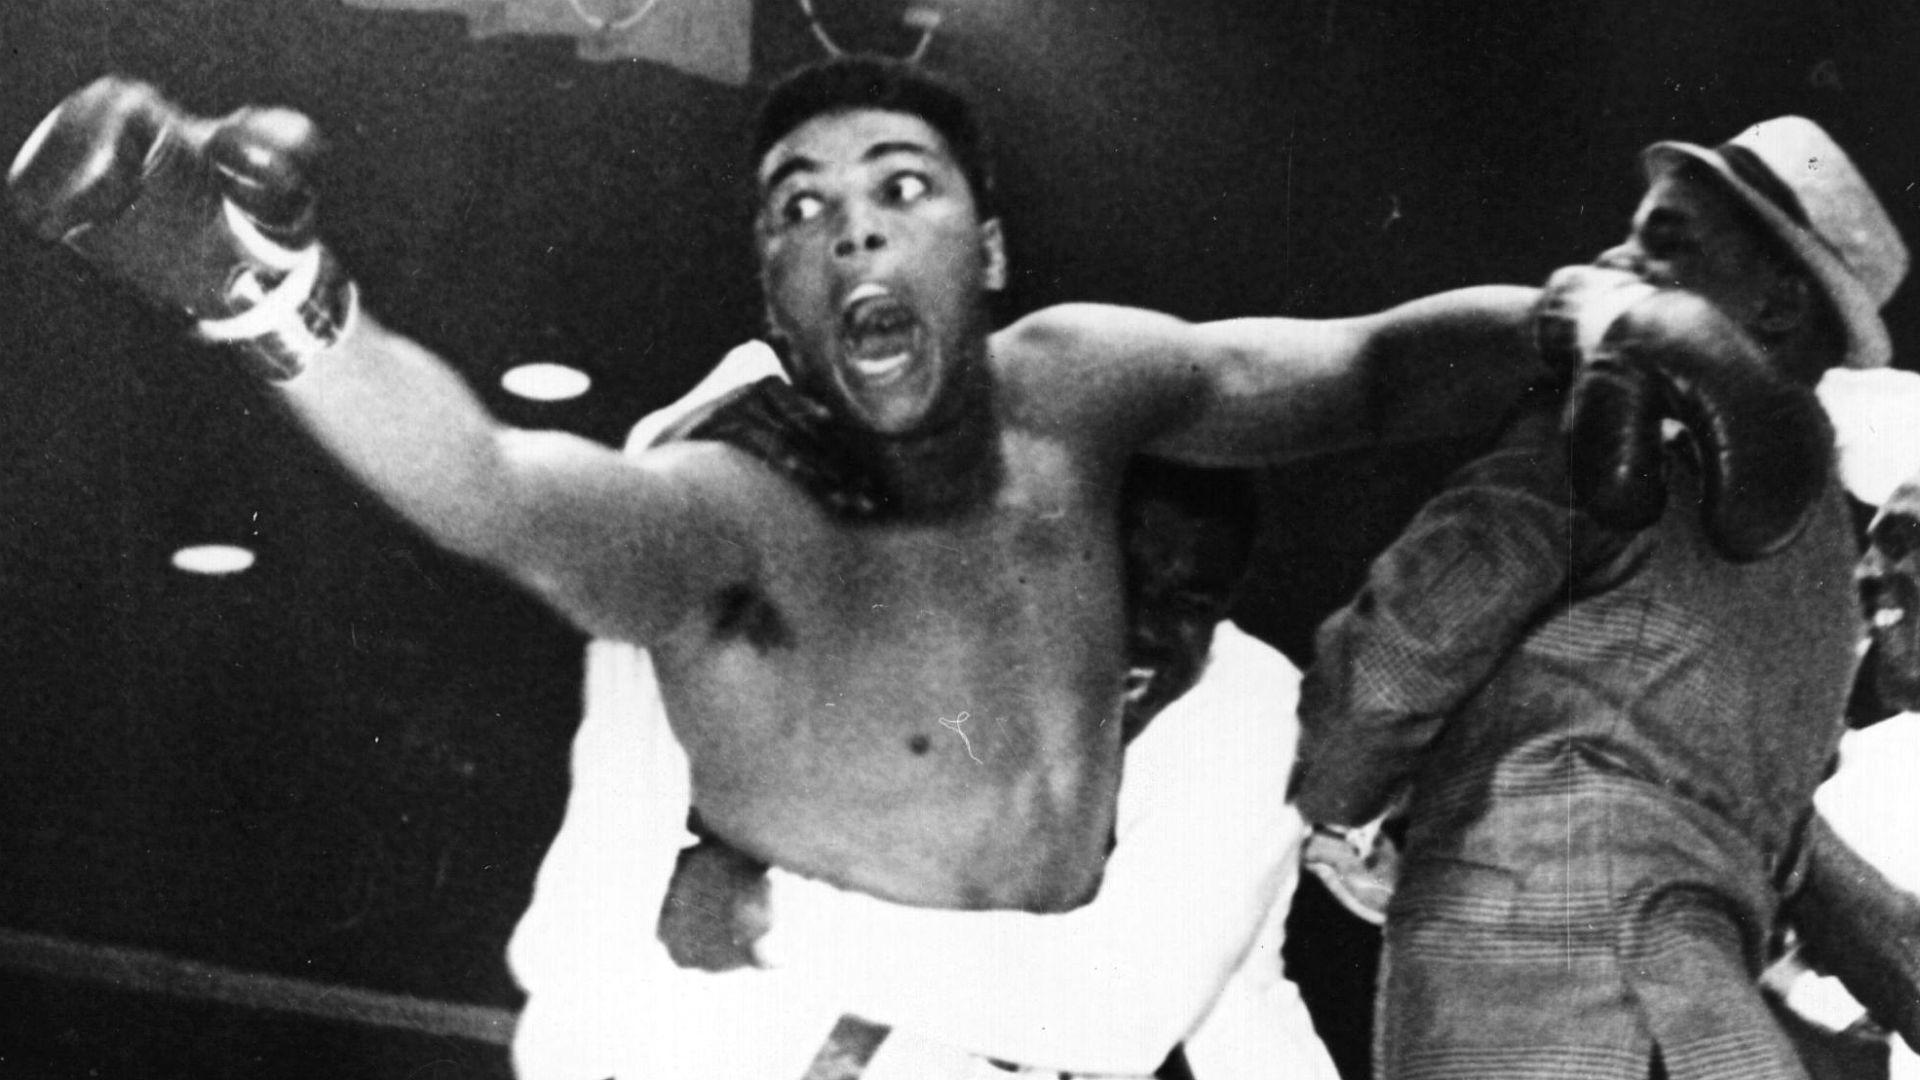 Vikings great Bud Grant wasn't a big fan of Muhammad Ali's showmanship |  NFL | Sporting News